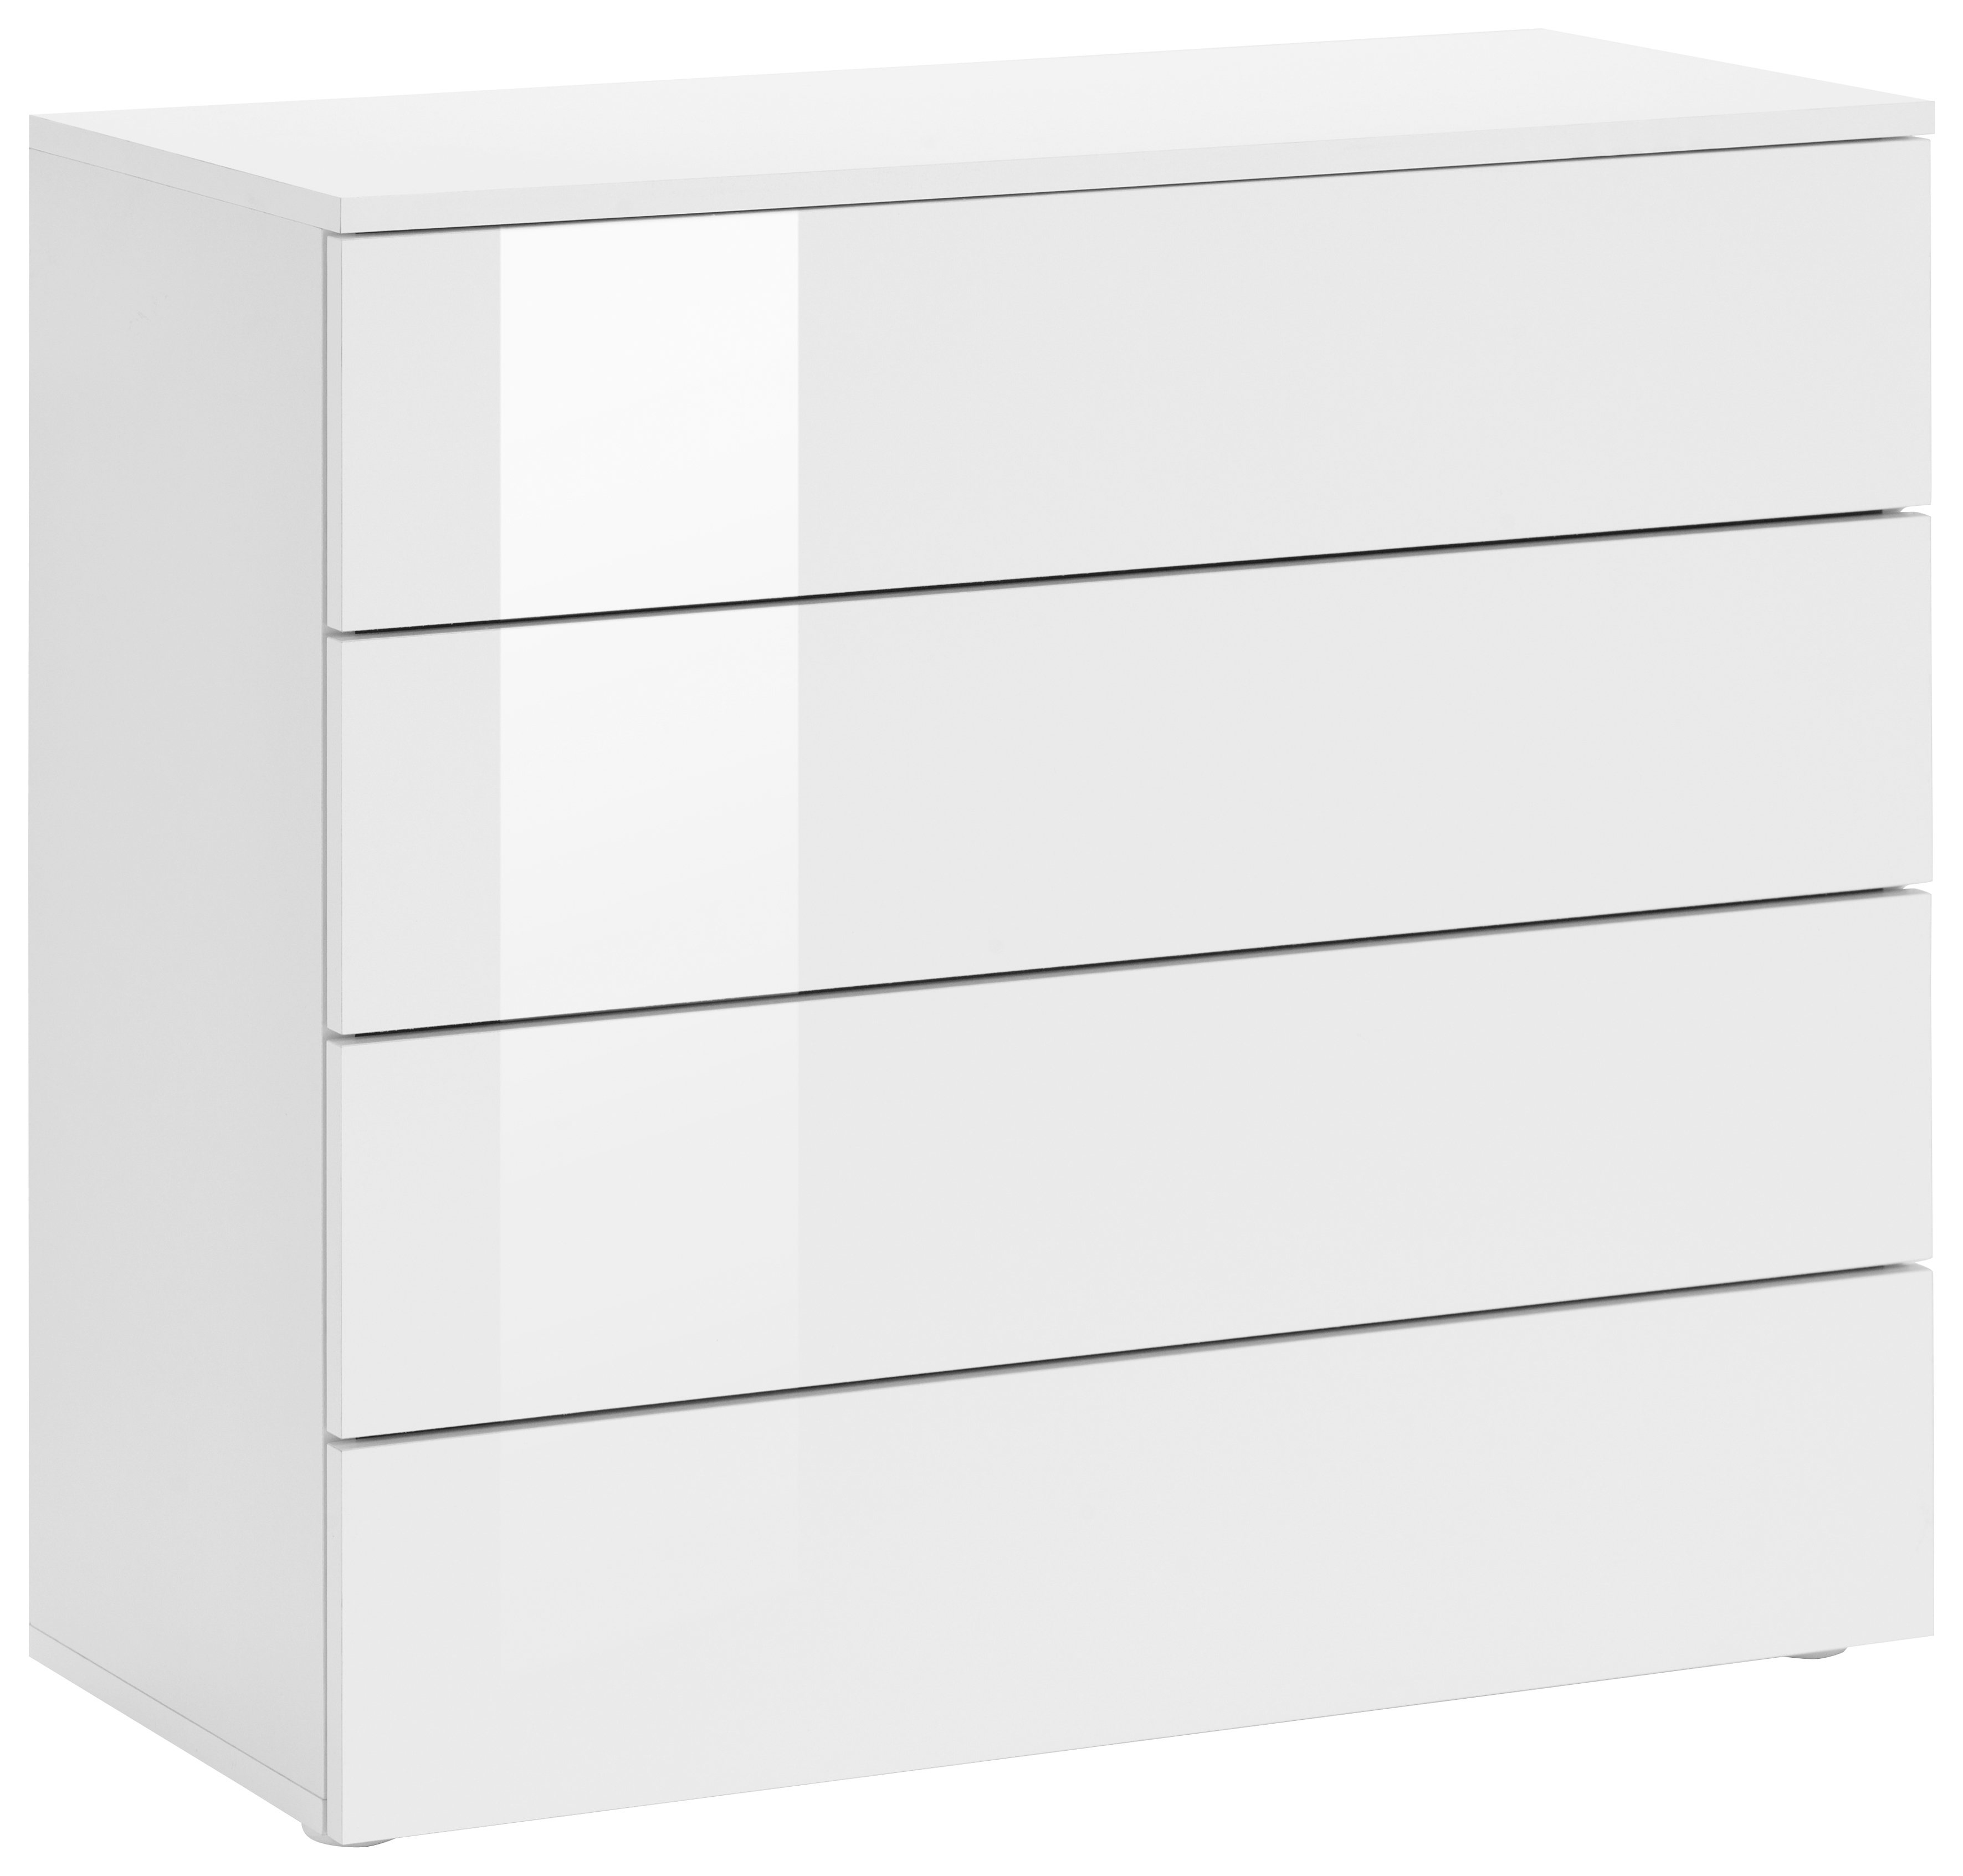 32 sparen kommode rova 76 cm breit ab 129 99 cherry m bel otto. Black Bedroom Furniture Sets. Home Design Ideas